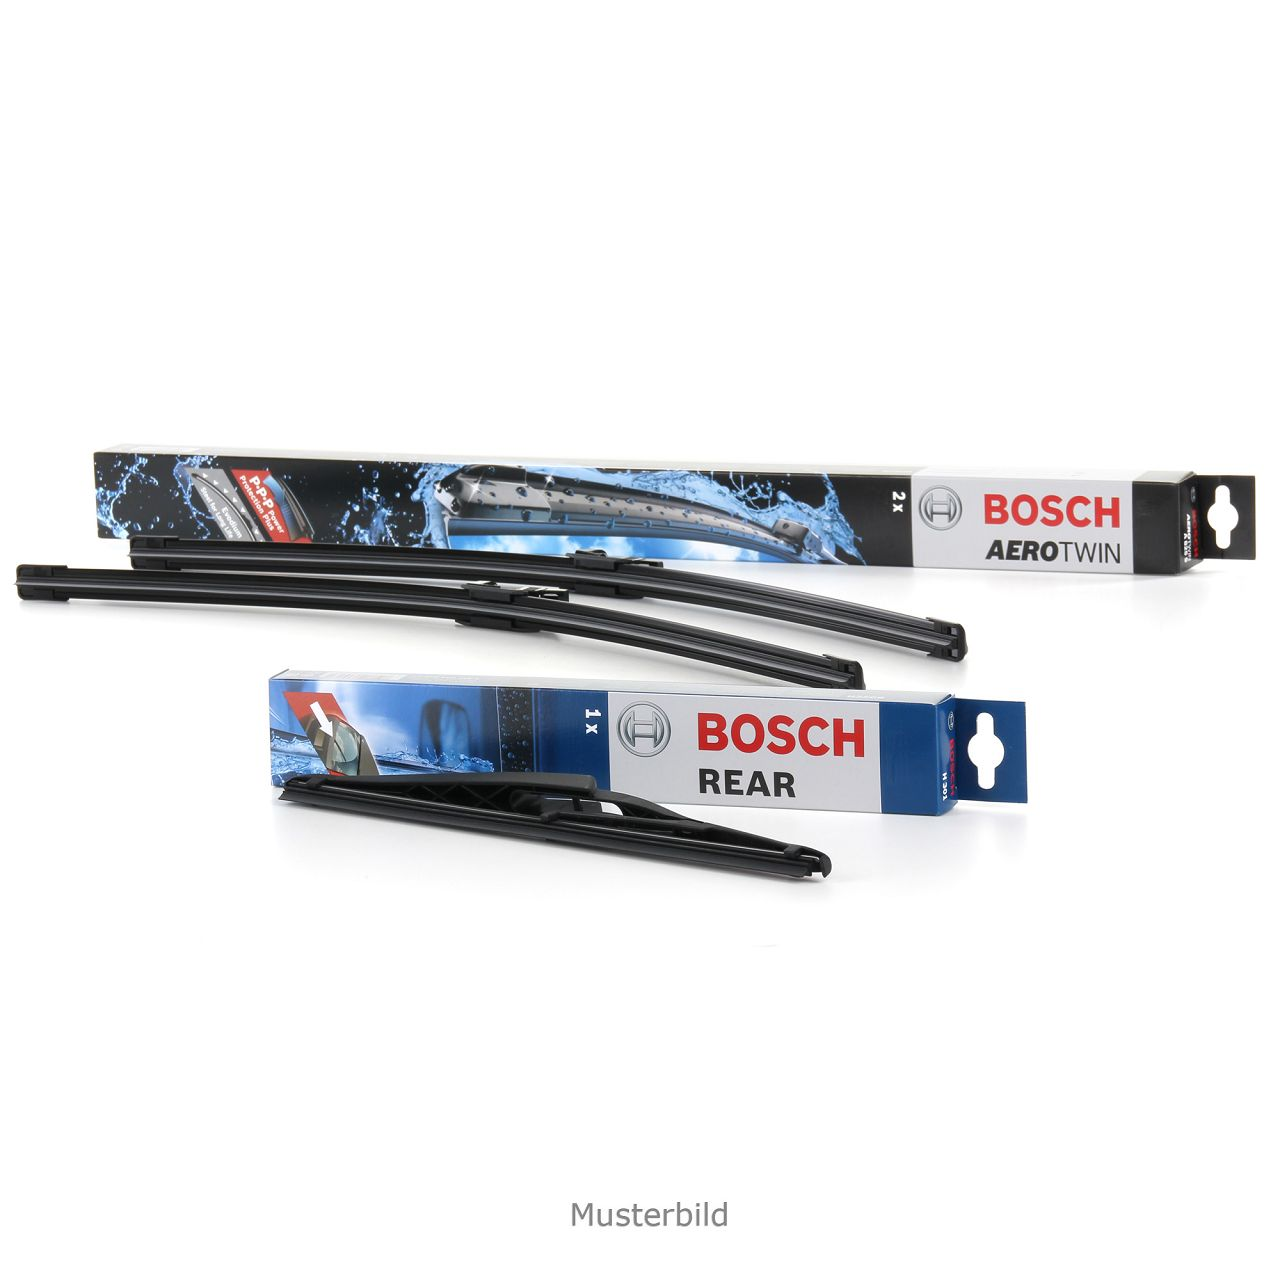 BOSCH AR602S + H301 Scheibenwischer OPEL Insignia A (G09) vorne + hinten